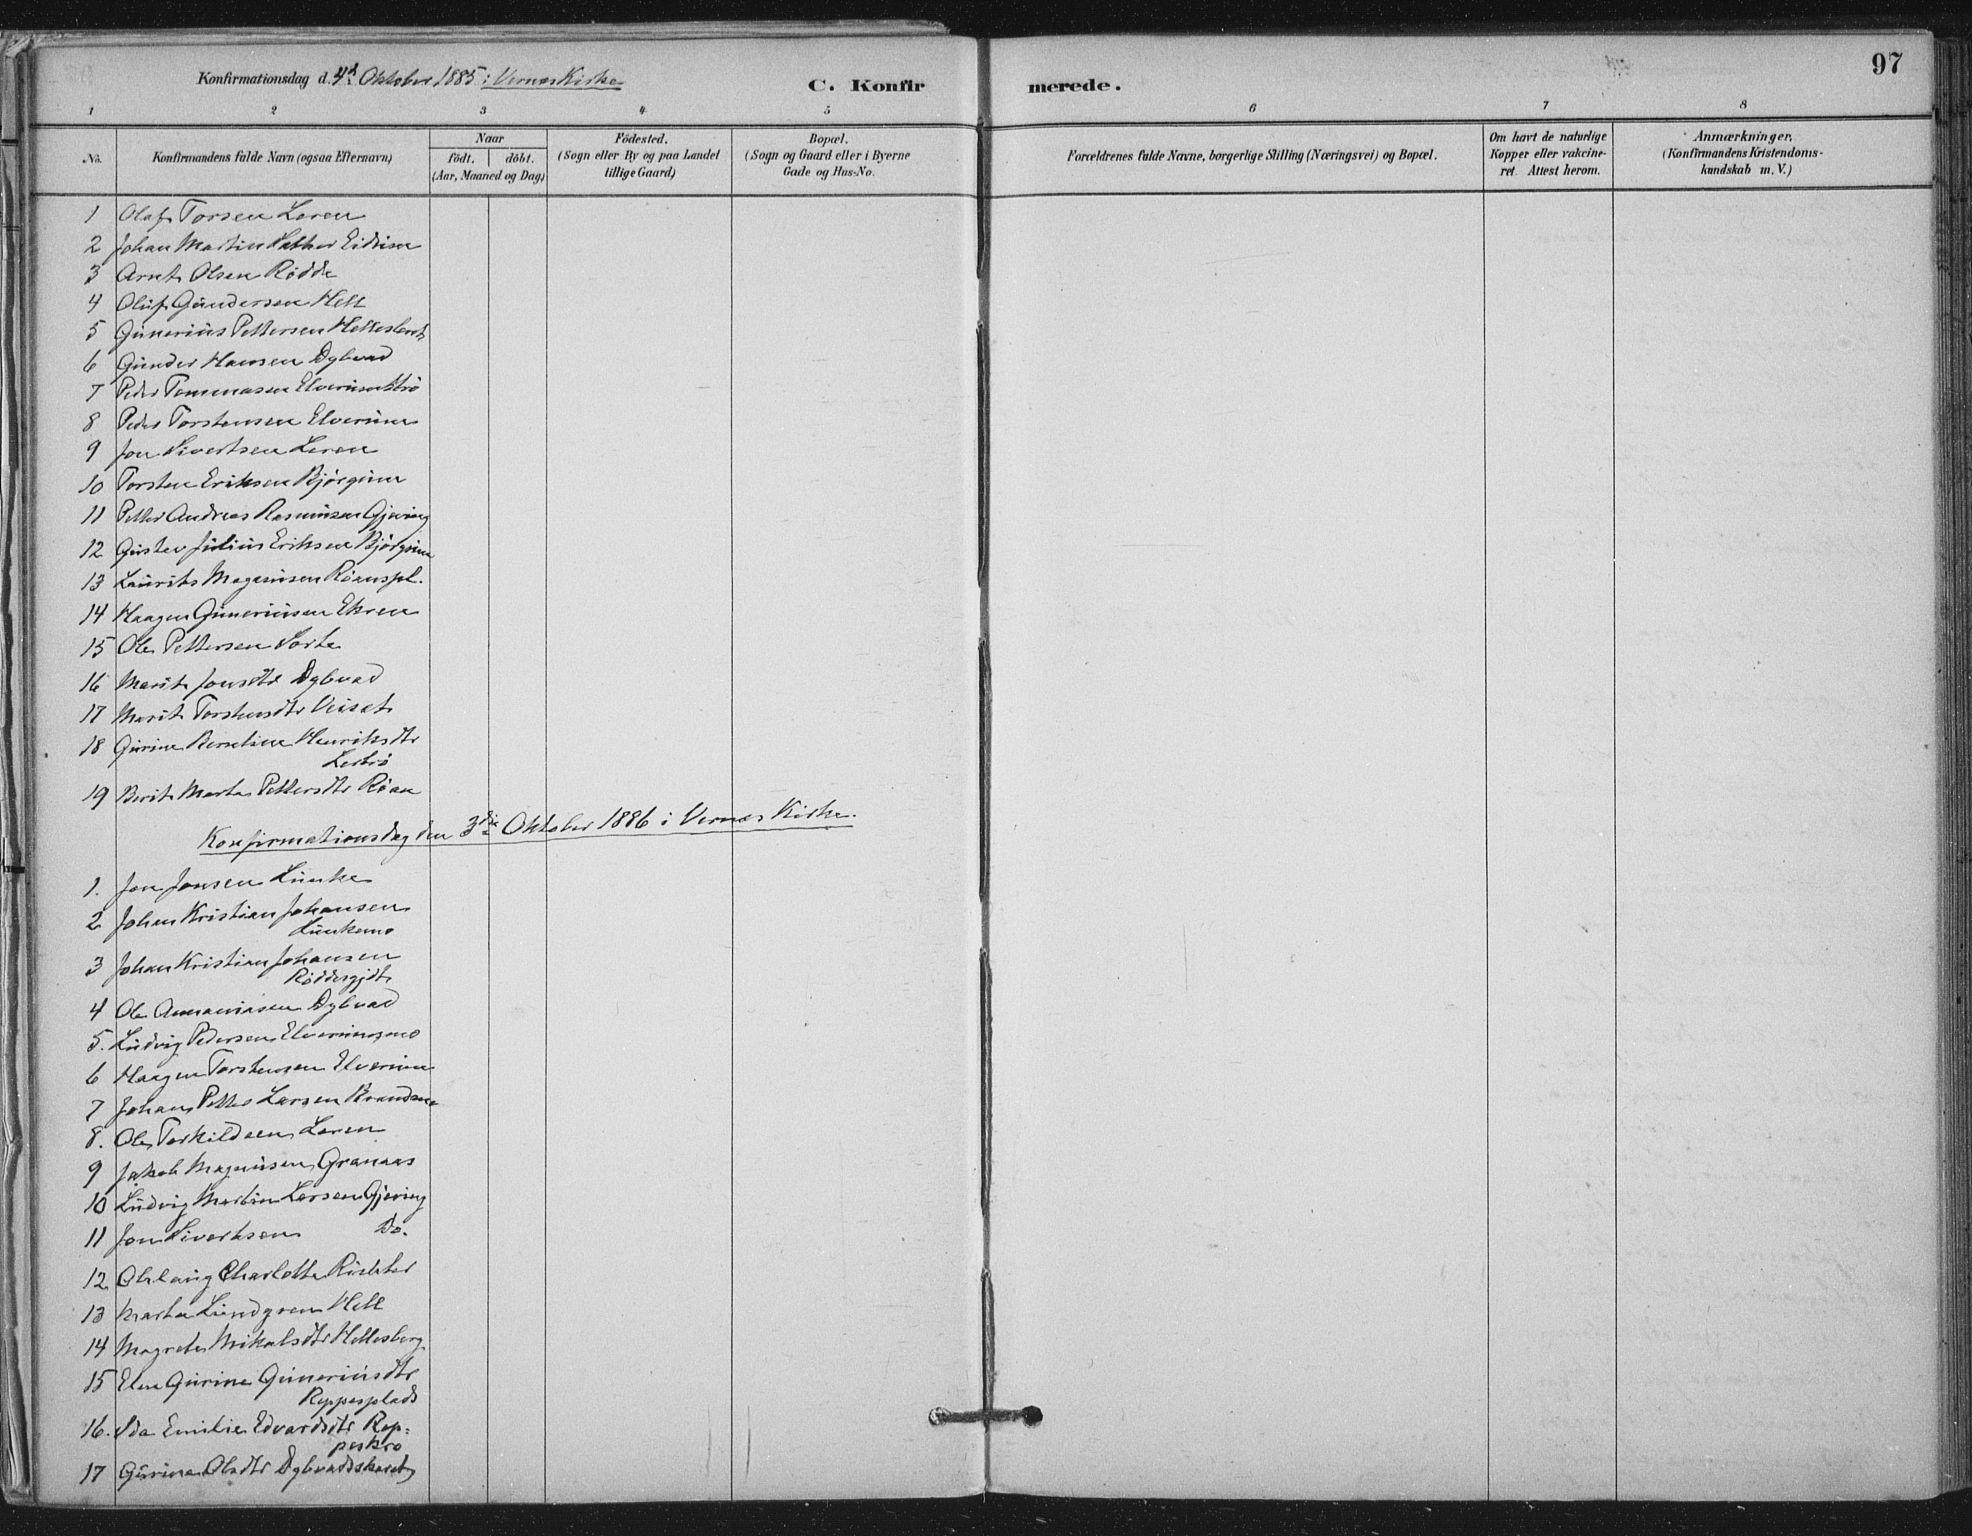 SAT, Ministerialprotokoller, klokkerbøker og fødselsregistre - Nord-Trøndelag, 710/L0095: Ministerialbok nr. 710A01, 1880-1914, s. 97